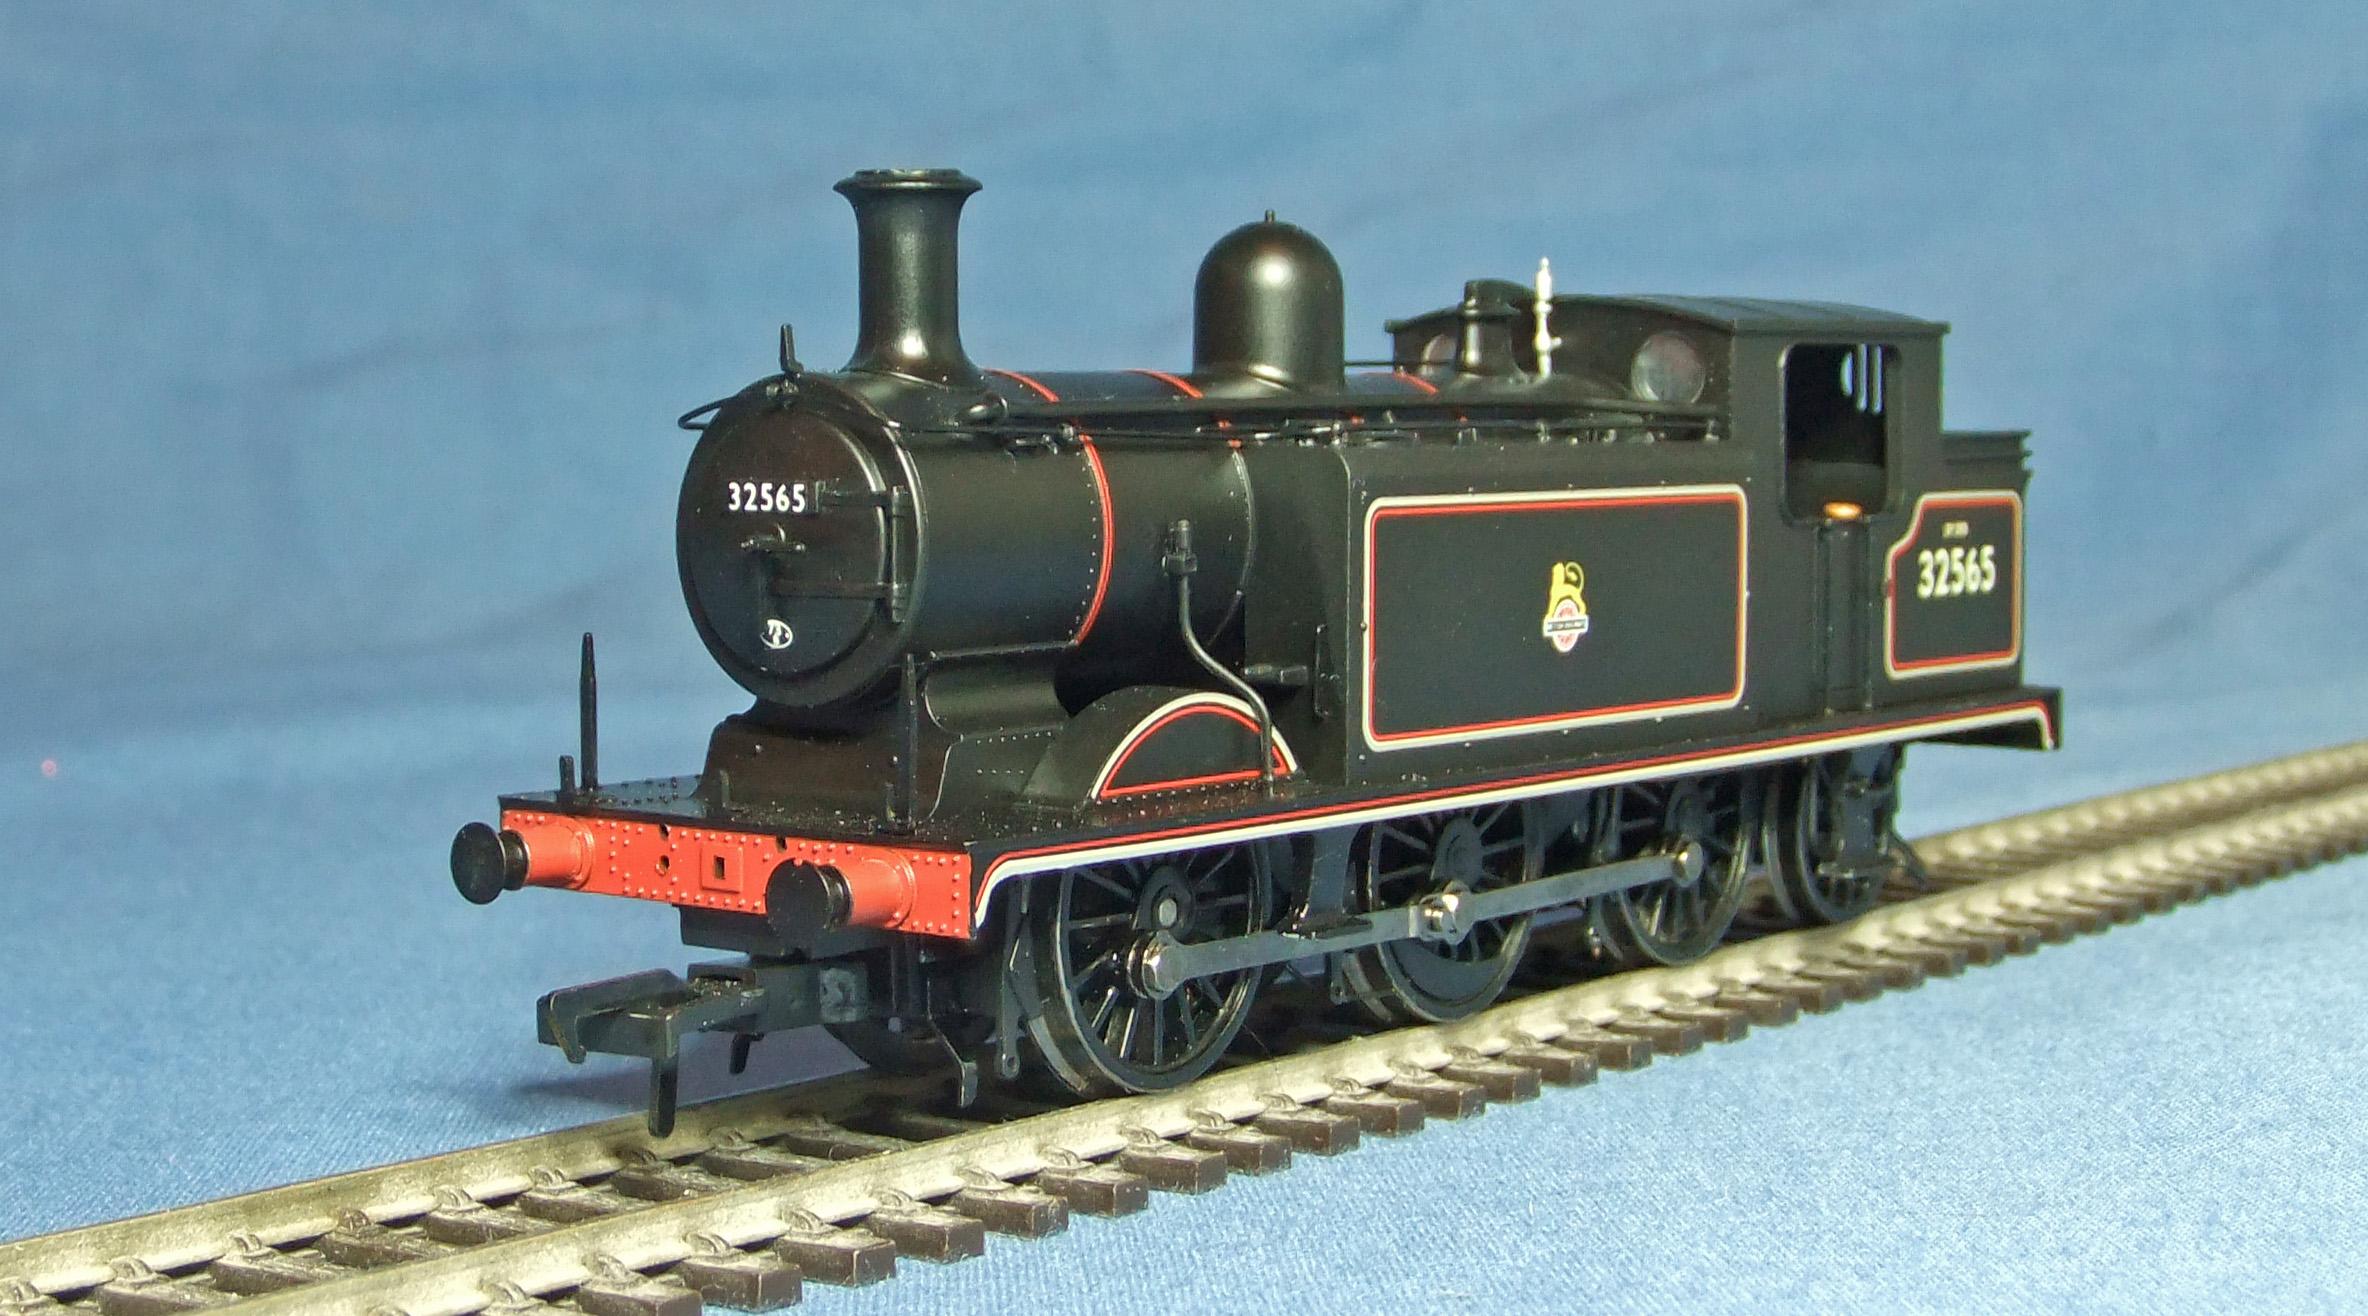 32565-FL-s50